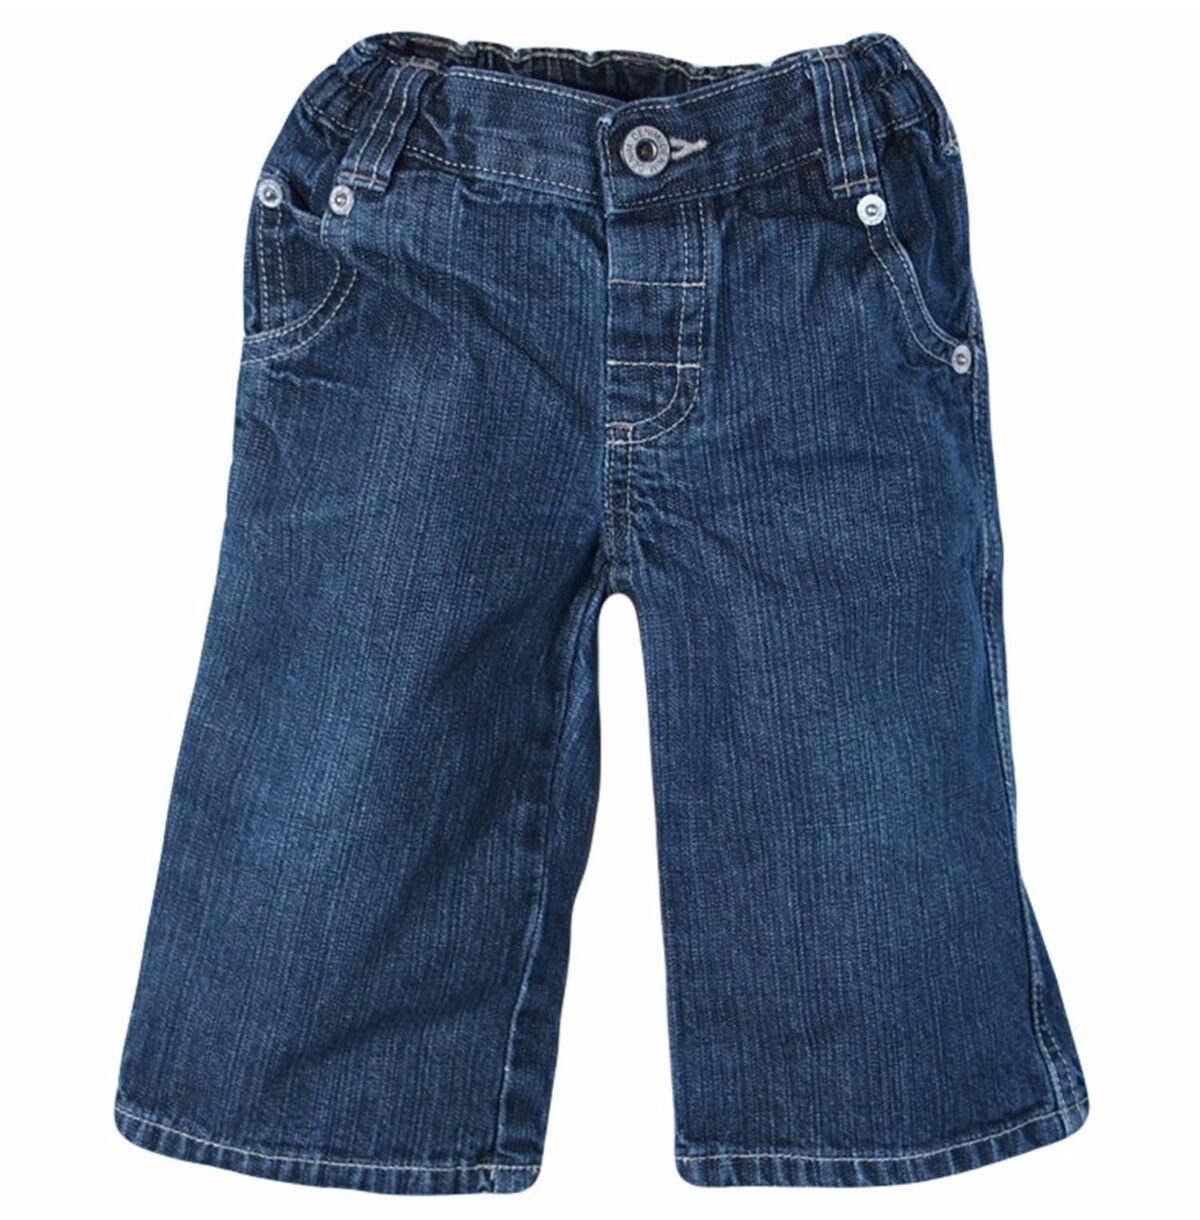 68-as méretű ruhák 4-6 hónapos kicsiknek 84645a96d9